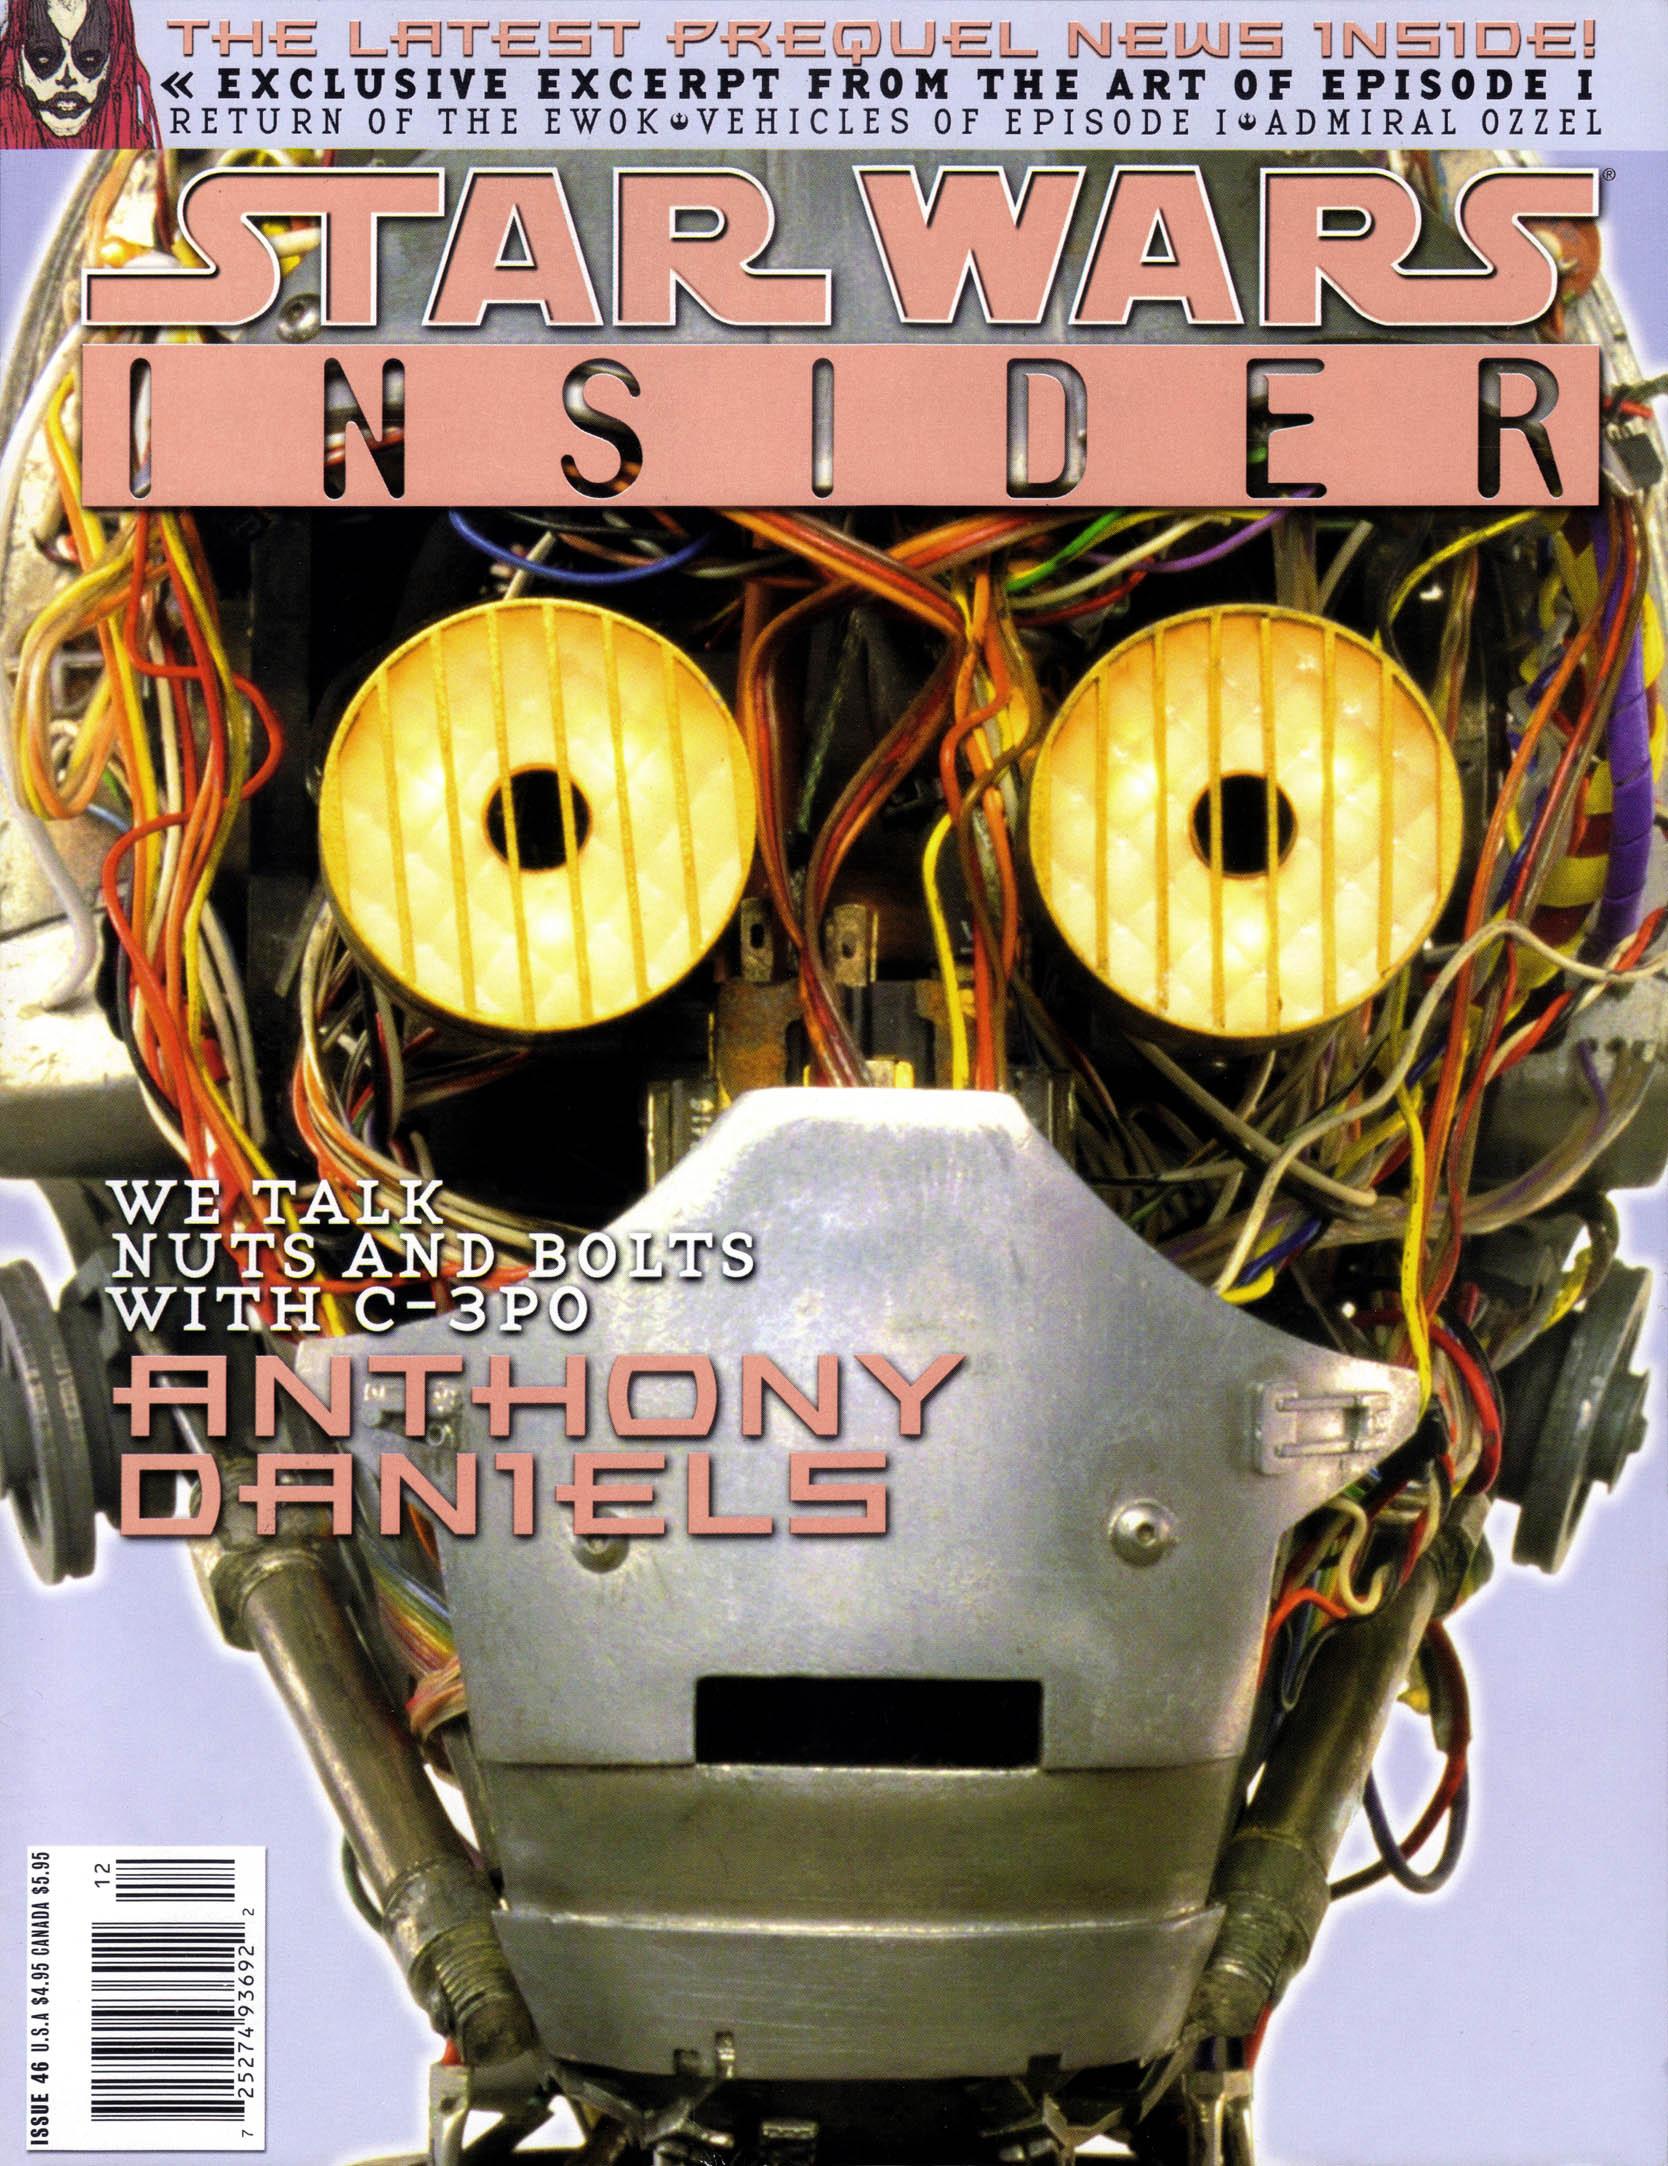 Star Wars Insider 46